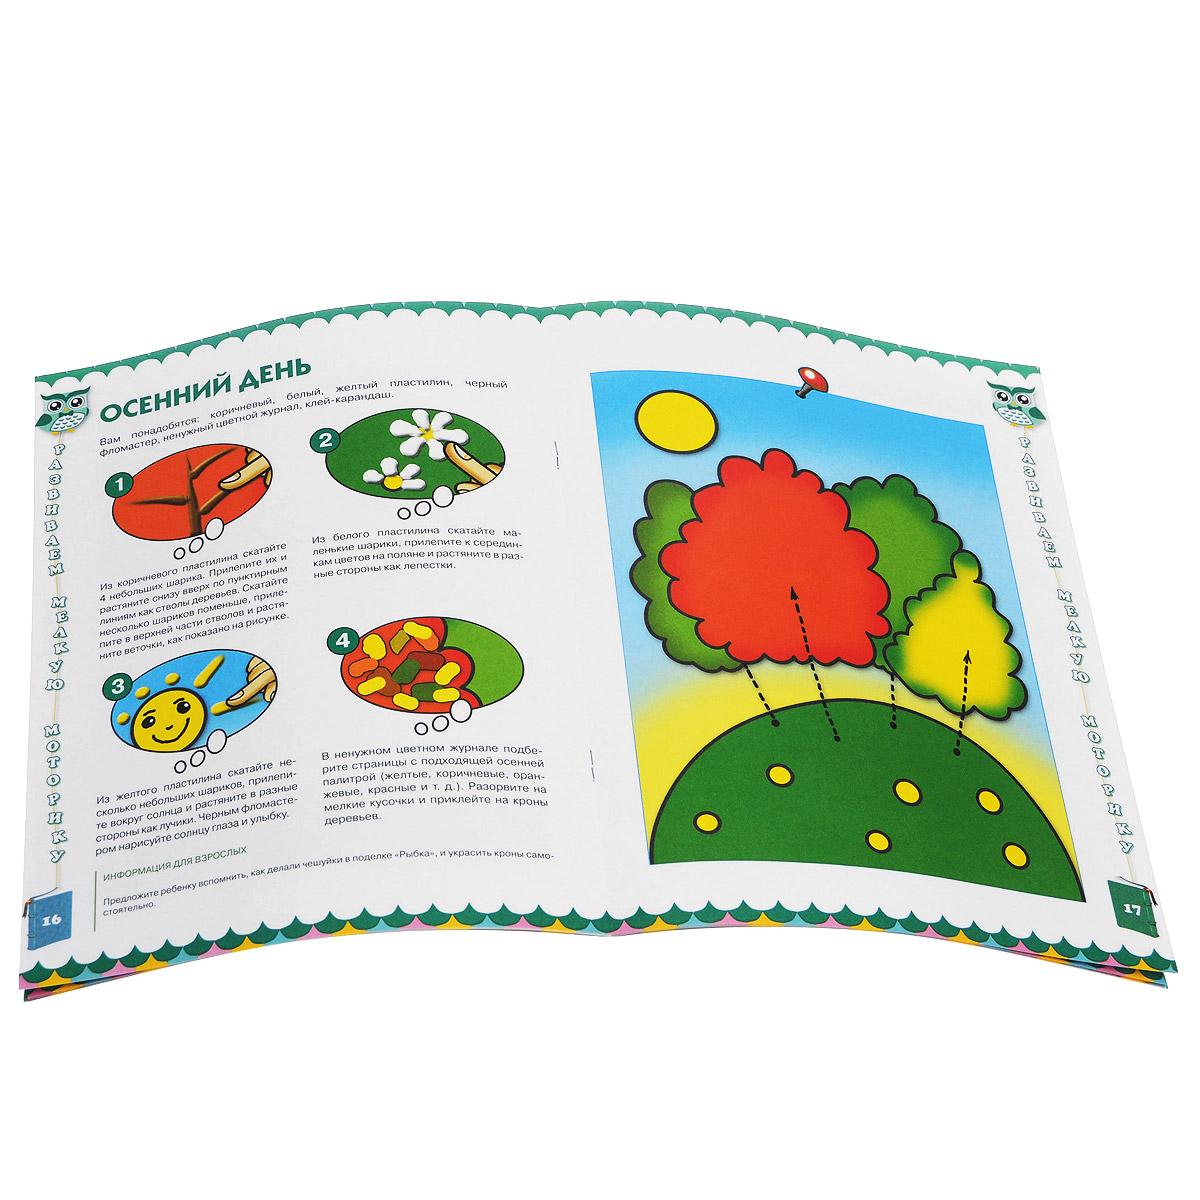 Школа маленьких гениев. Комплект для занятий с детьми от 2 до 3 лет (комплект из 7 книг)